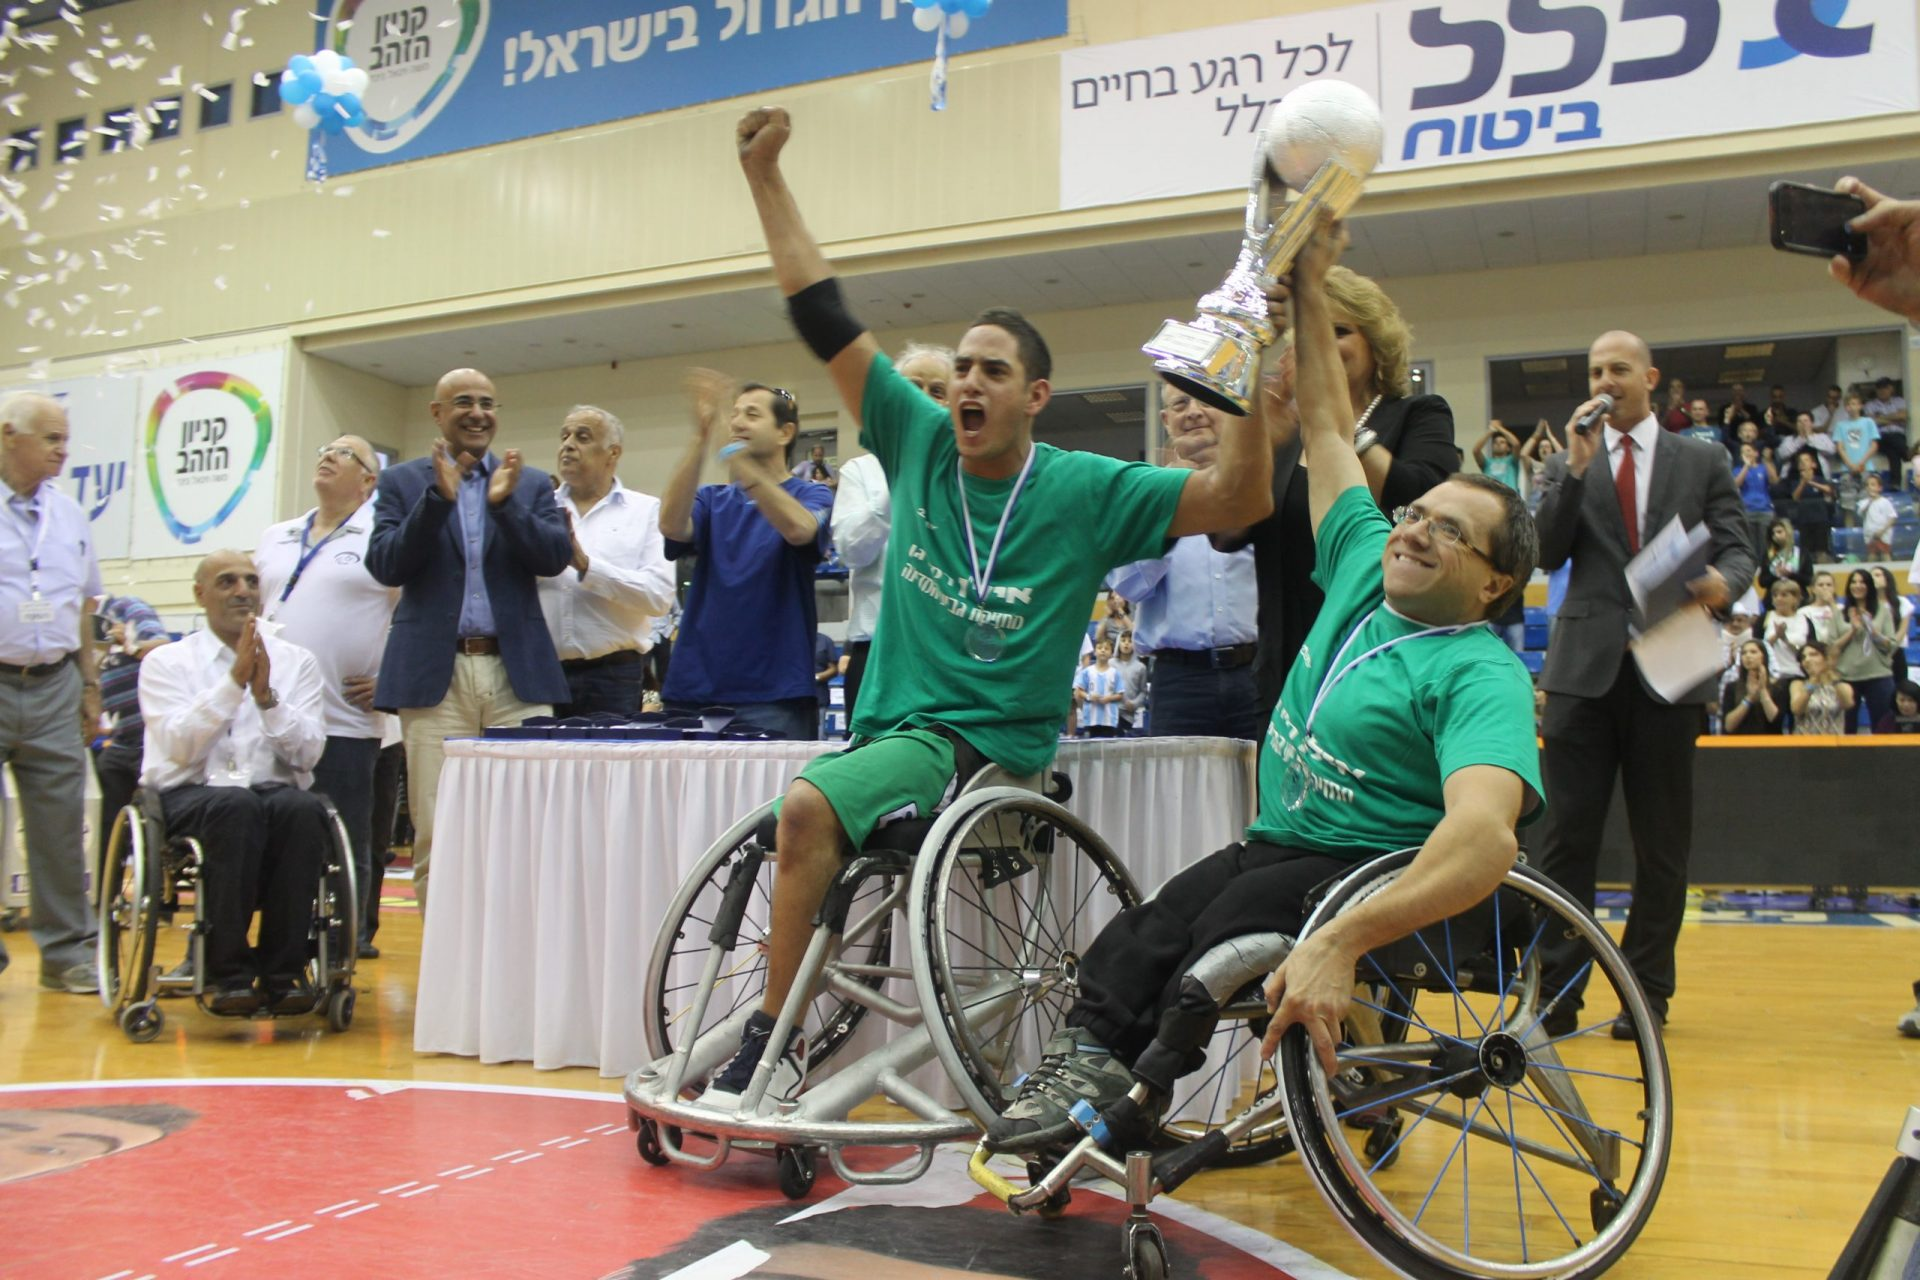 מעמד הנפת גביע של ספורטאים עם כסאות גלגלים